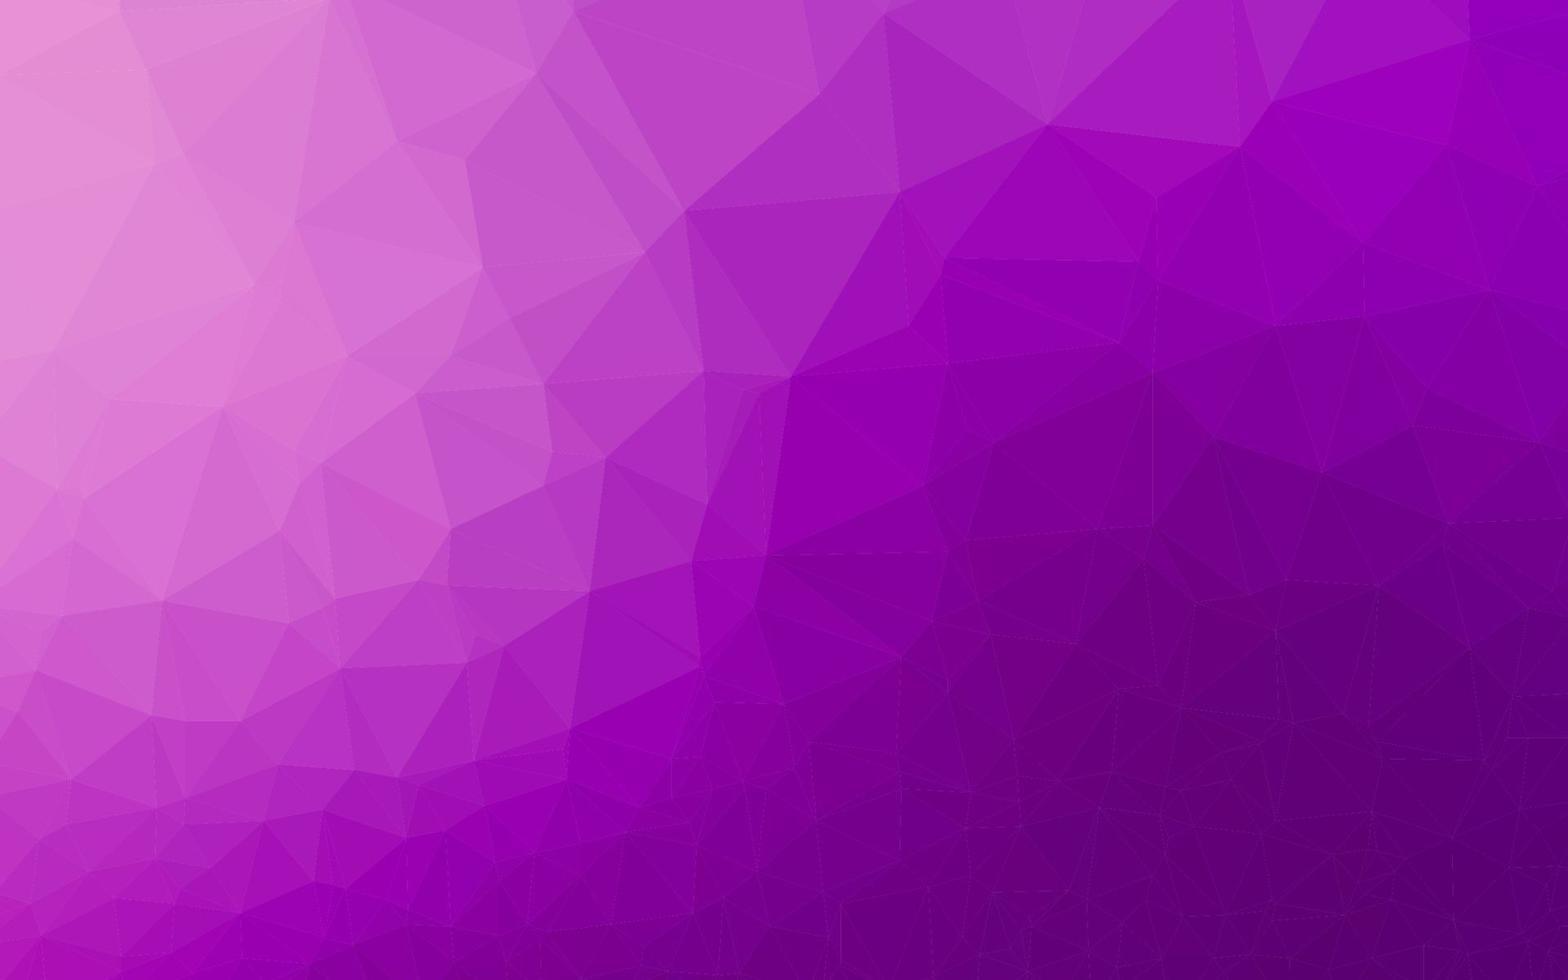 padrão de triângulo embaçado de vetor roxo claro.